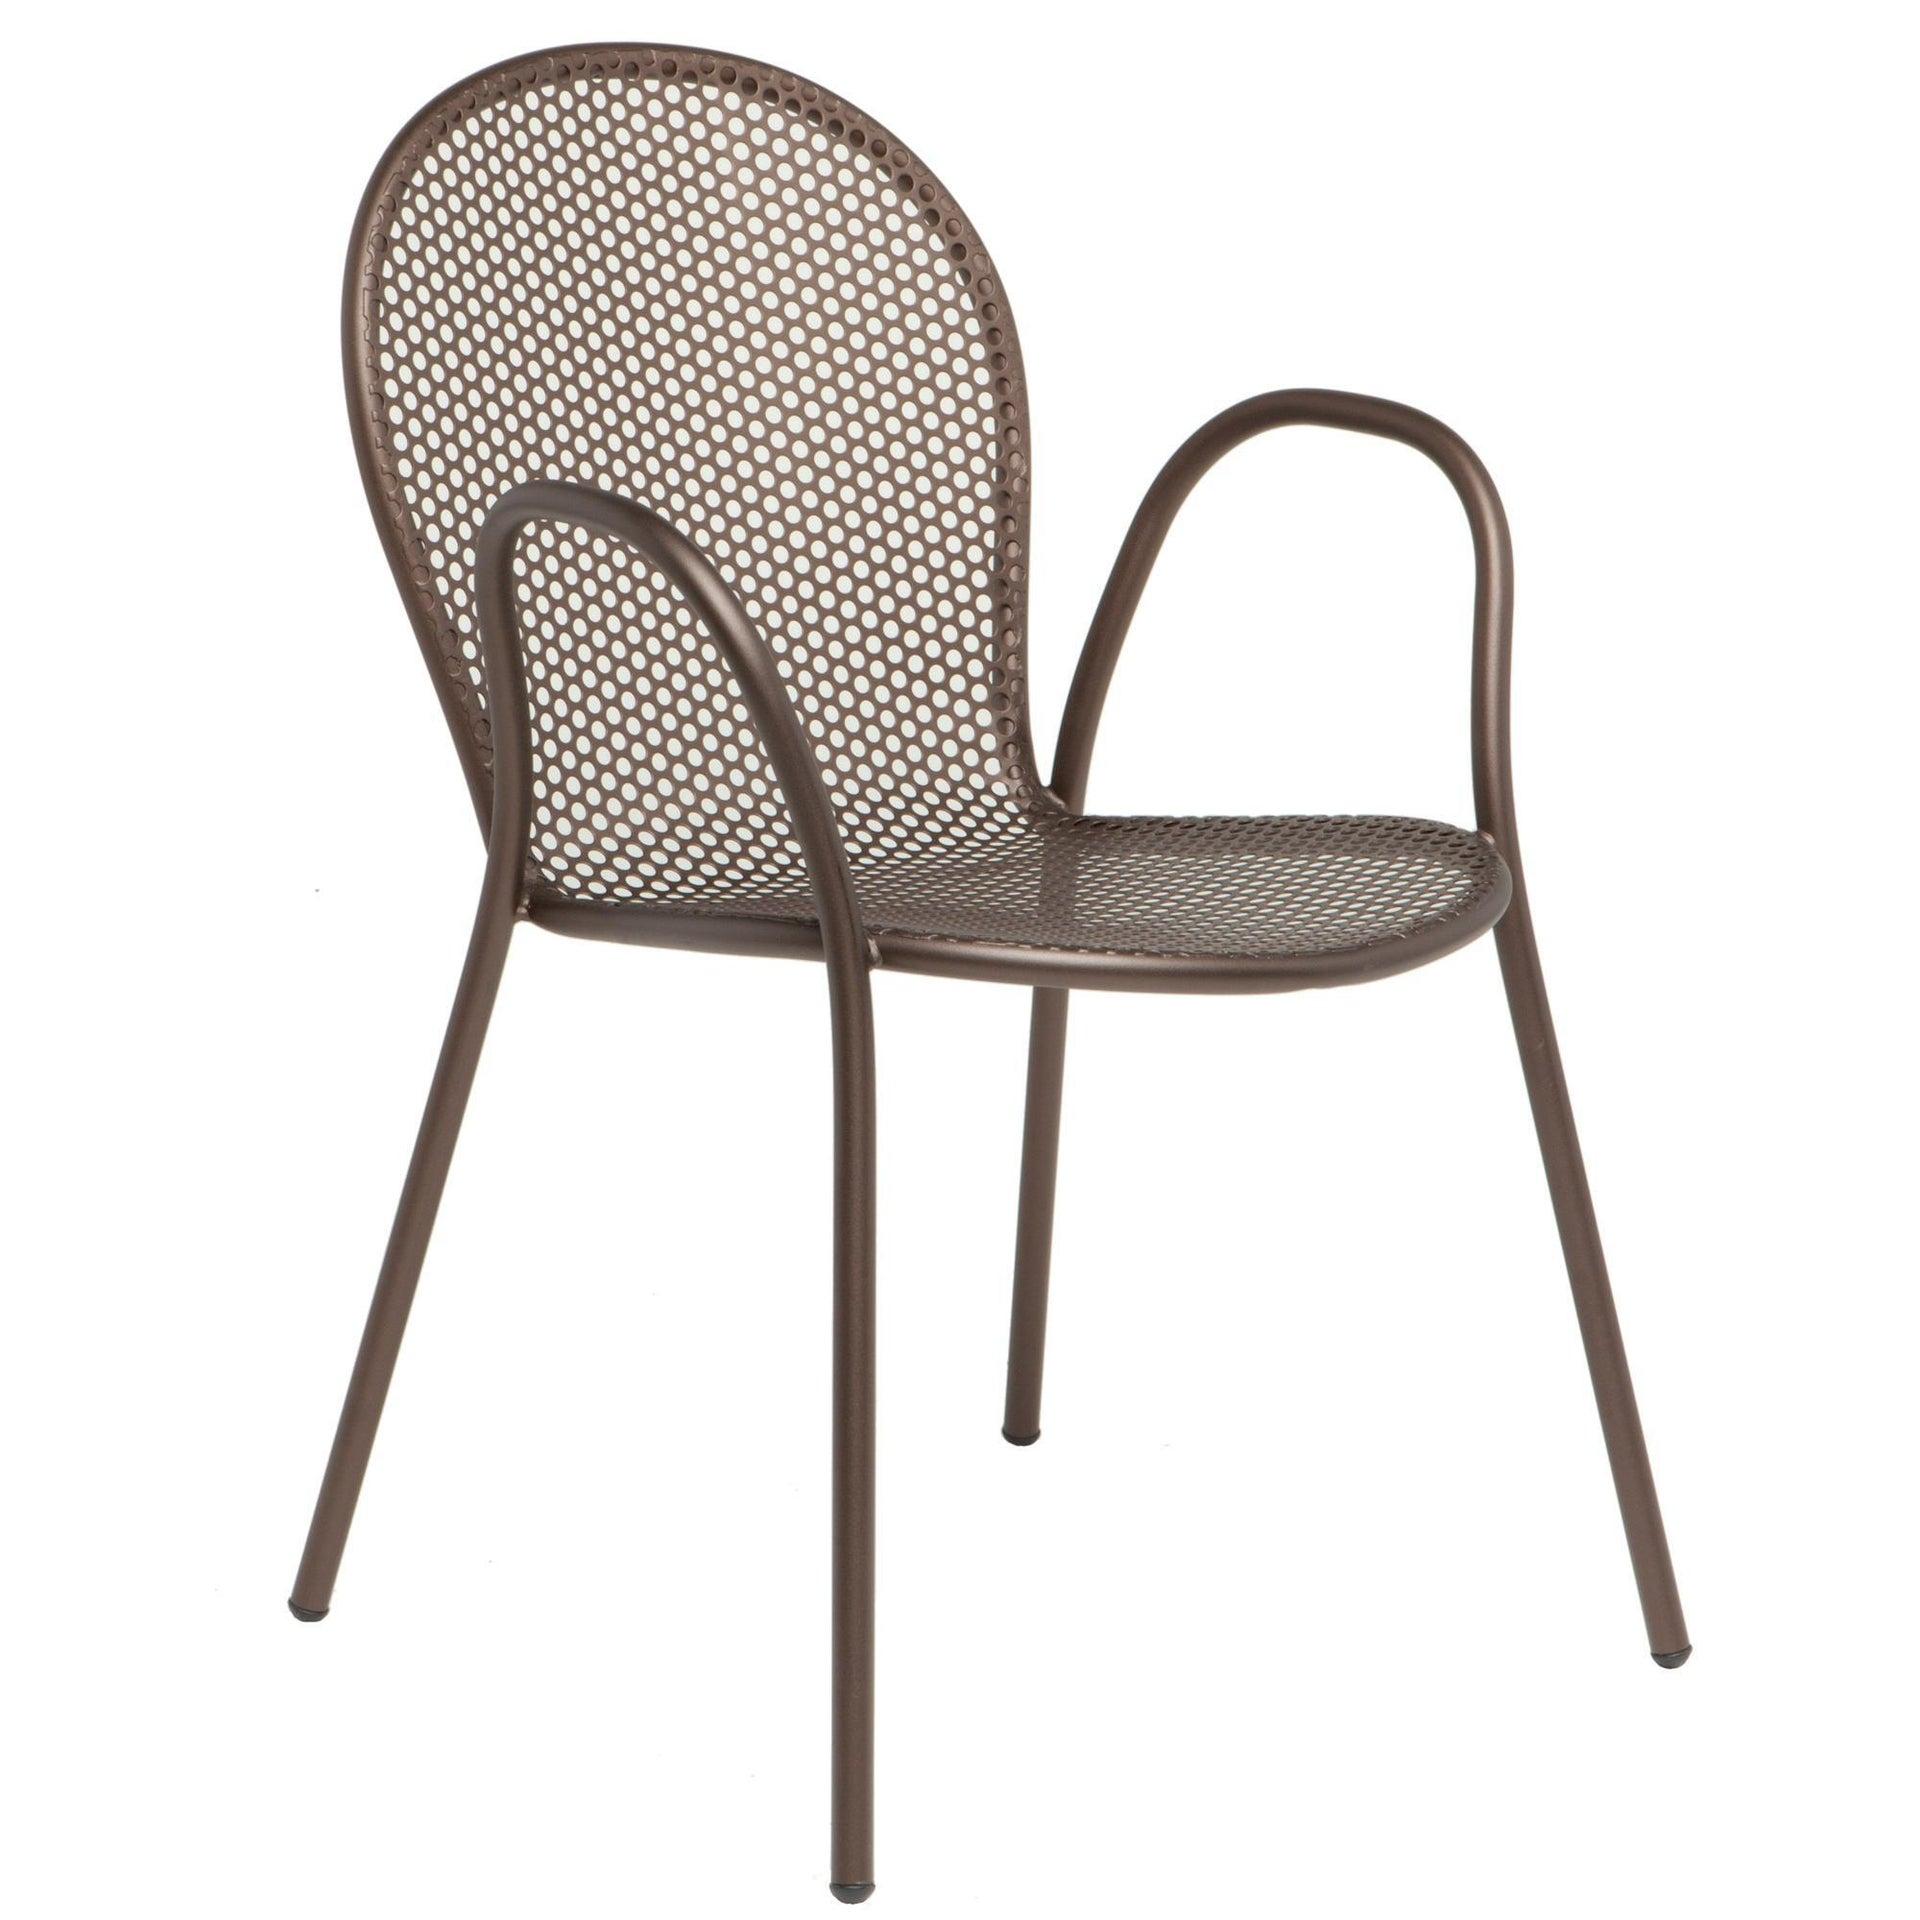 Sedia con braccioli senza cuscino Pavesino OASI BY EMU colore avana - 1